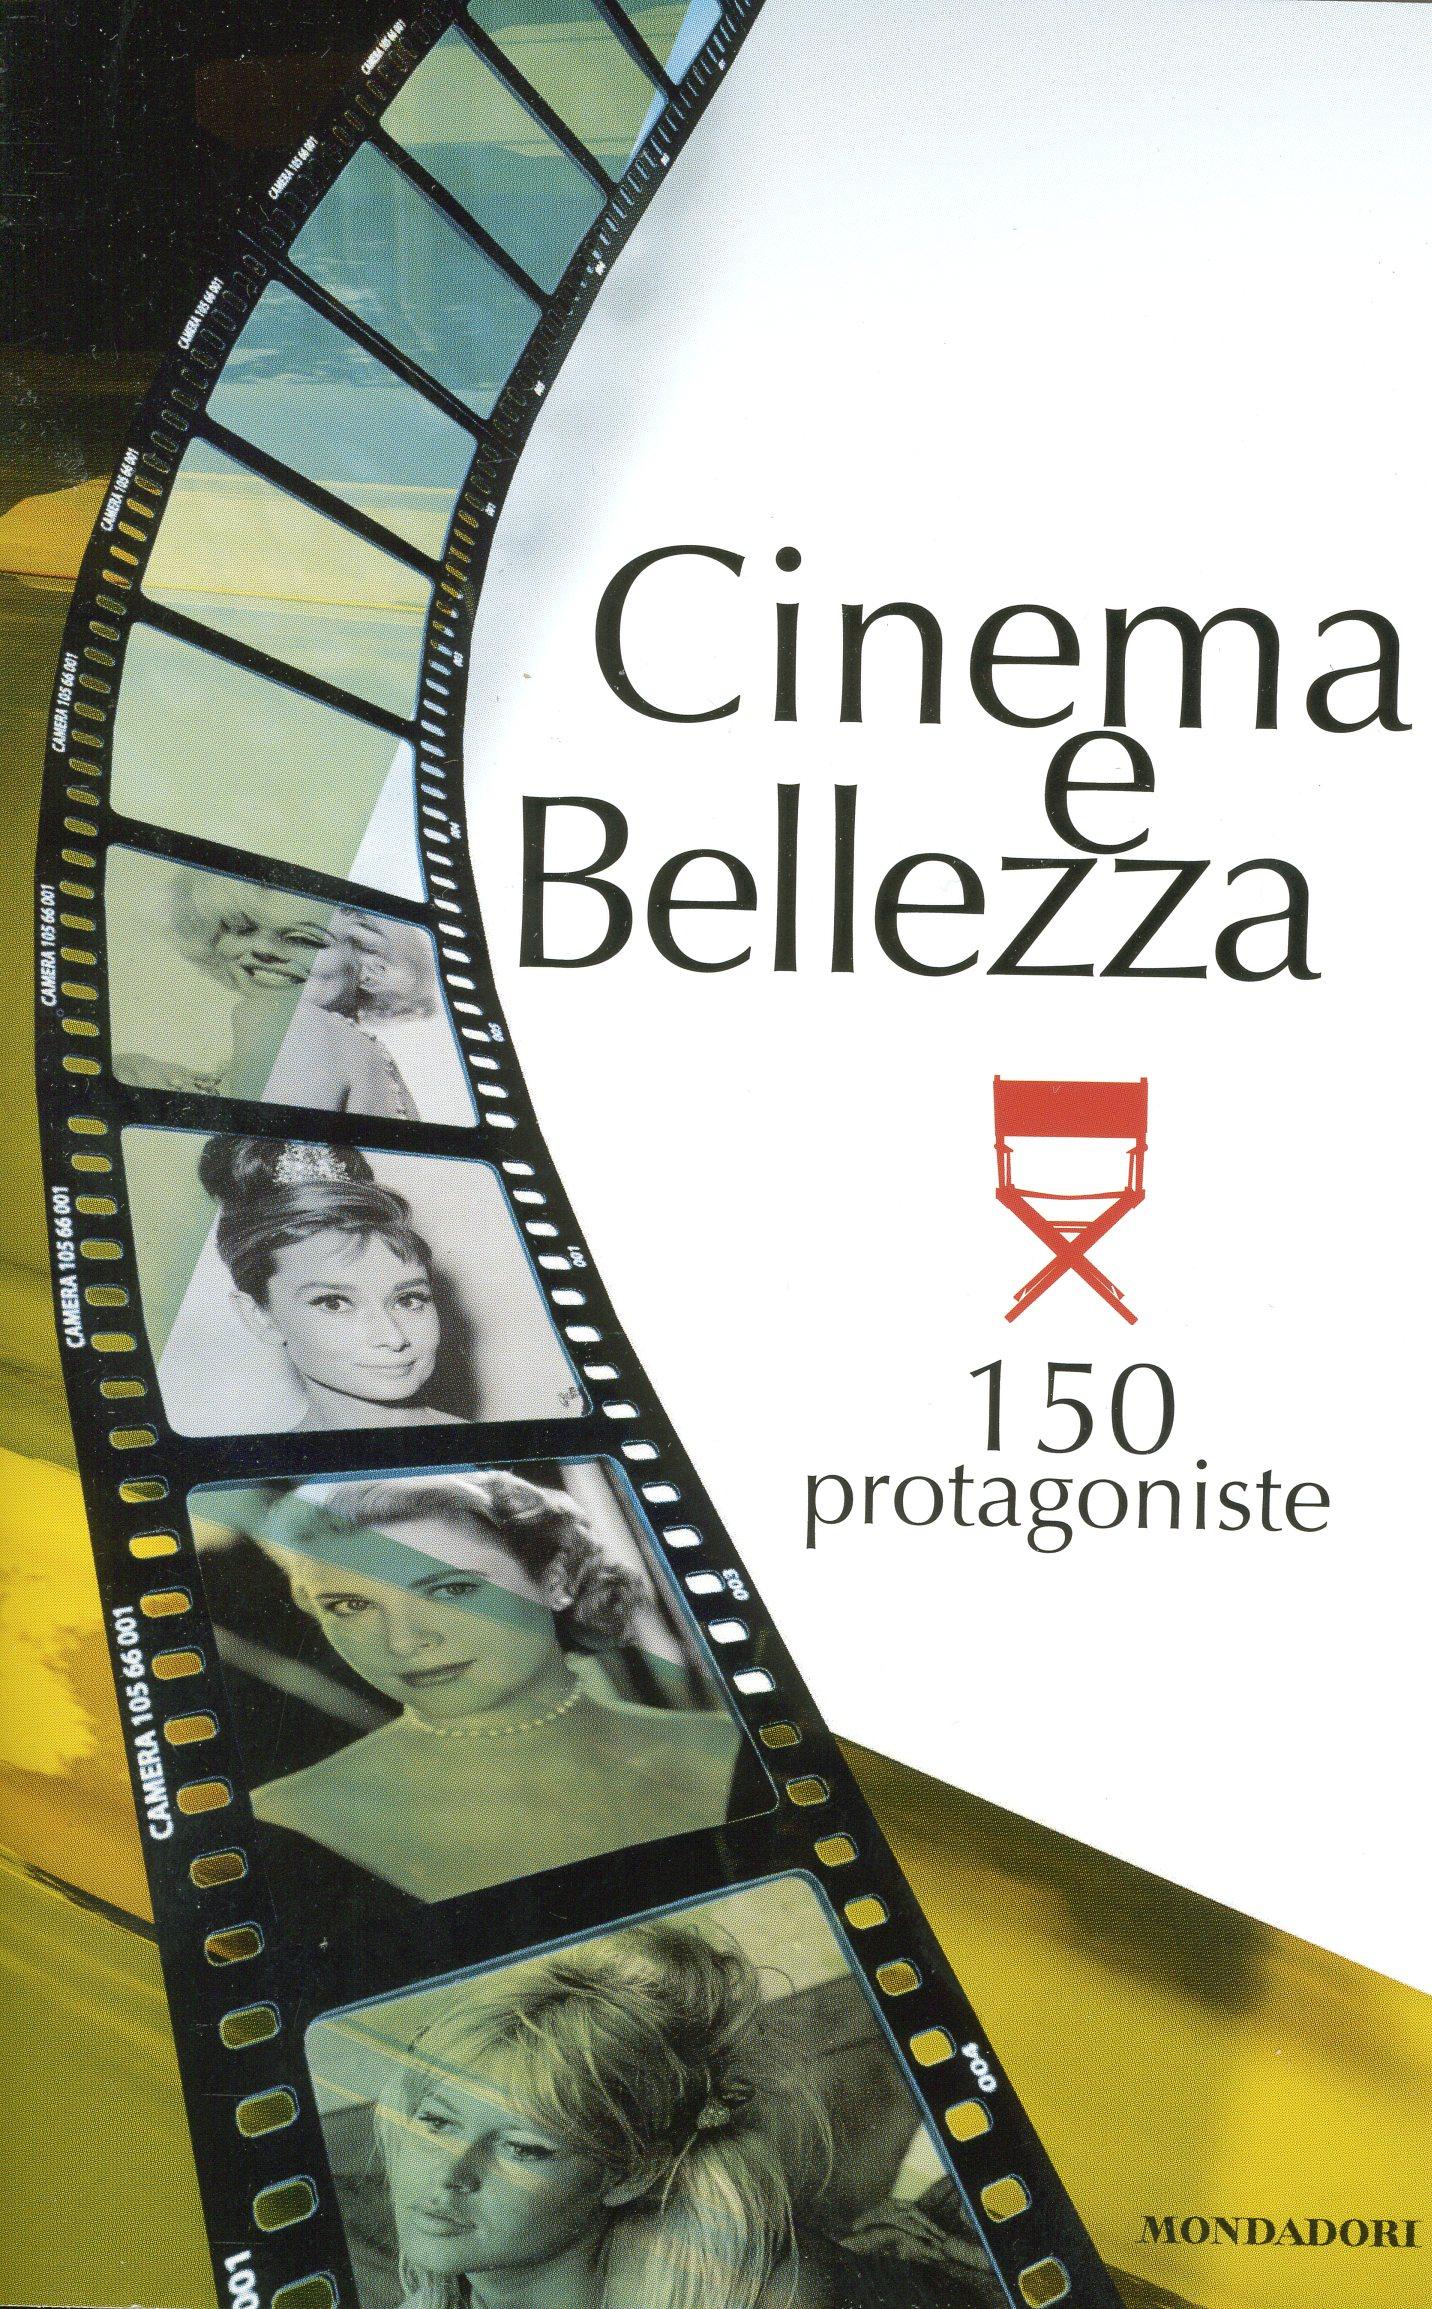 Cinema e Bellezza